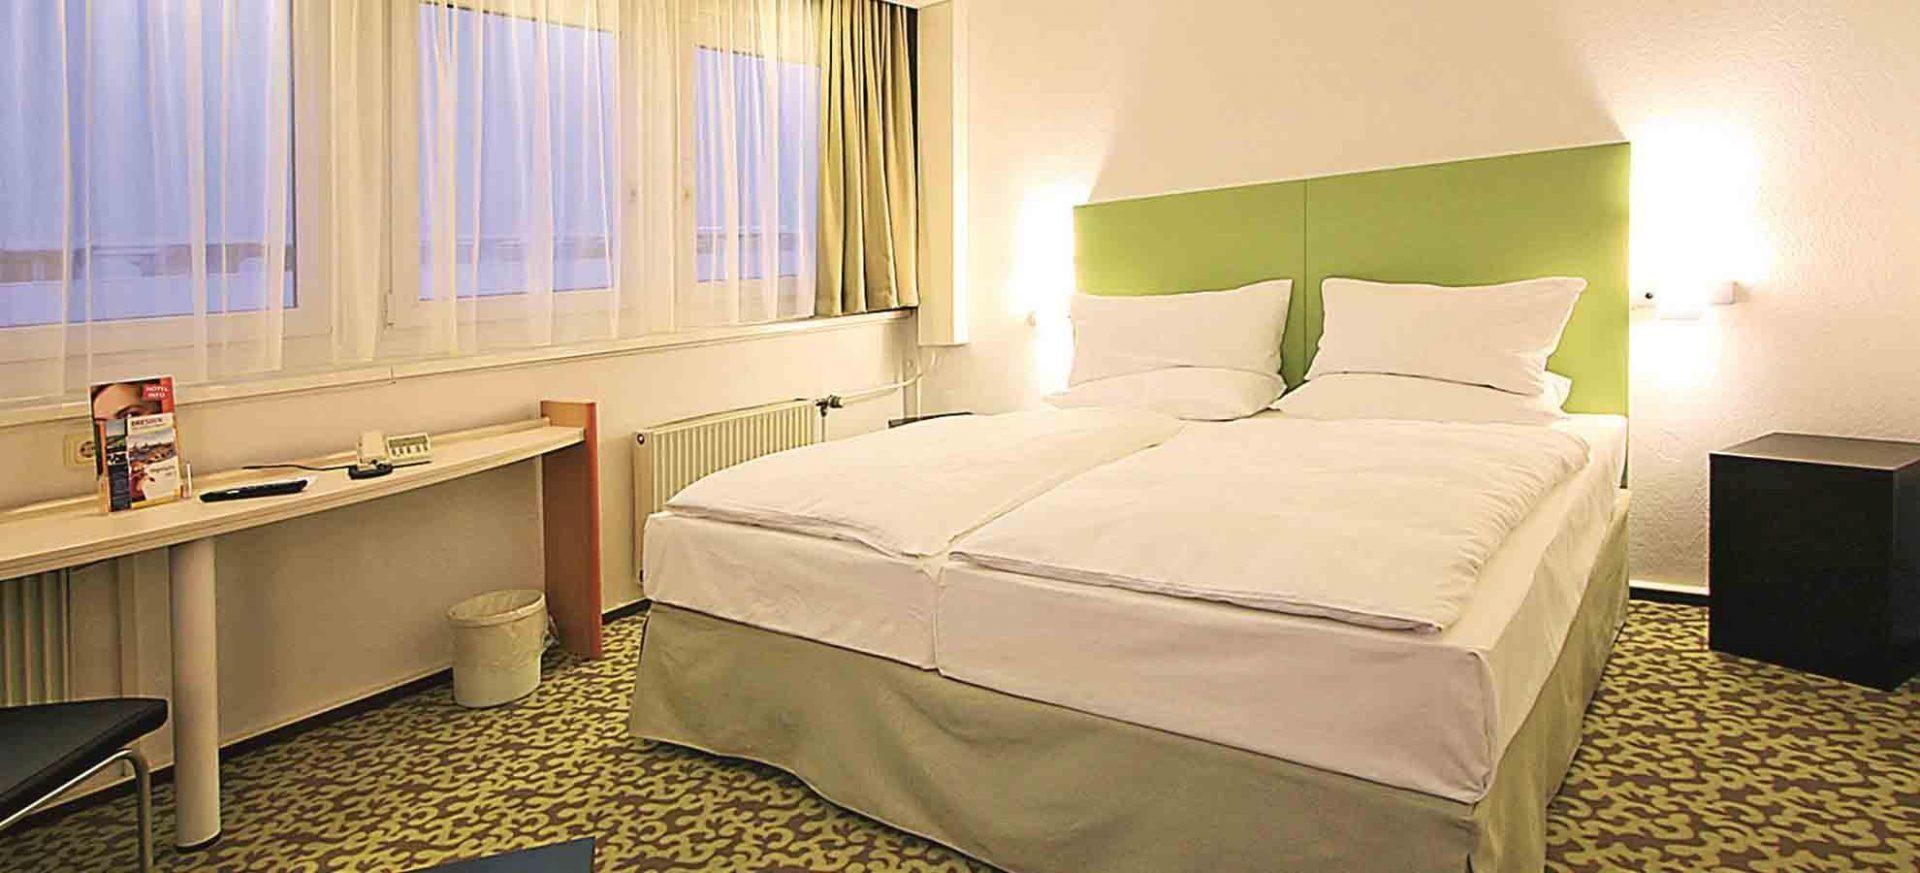 ibis Dresden Zentrum Komfort Doppelzimmer / Comfort Double Room